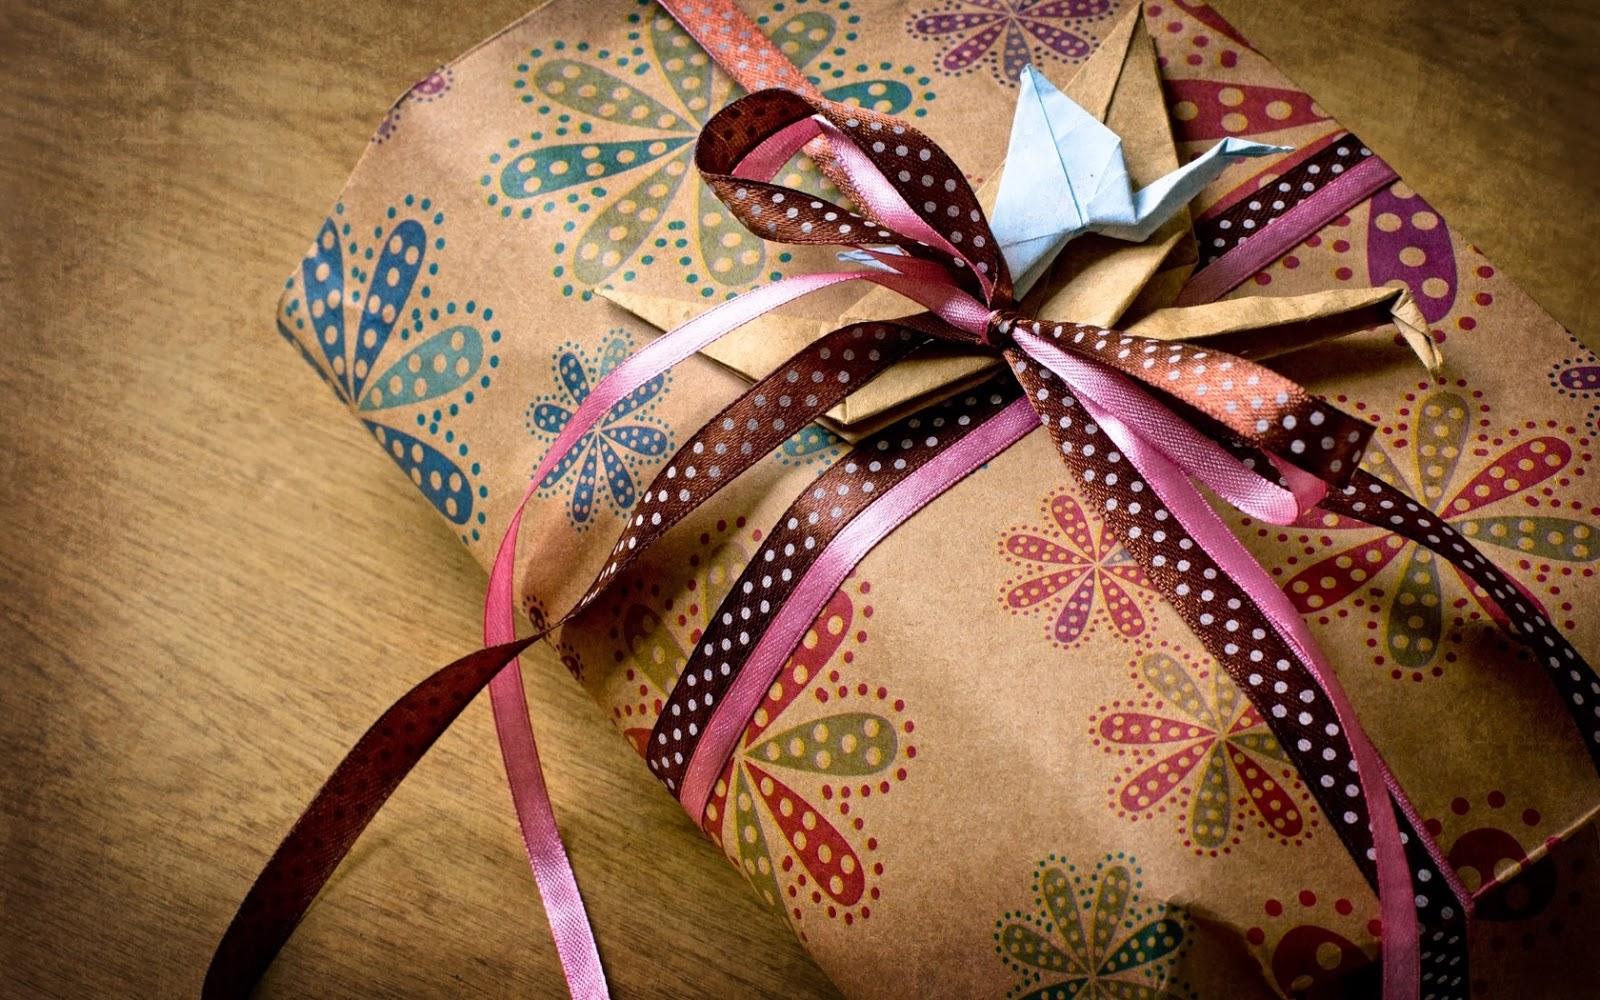 hadiah-kotak-liburan-pita-origami-kertas-foto-wallpaper-1680x1050